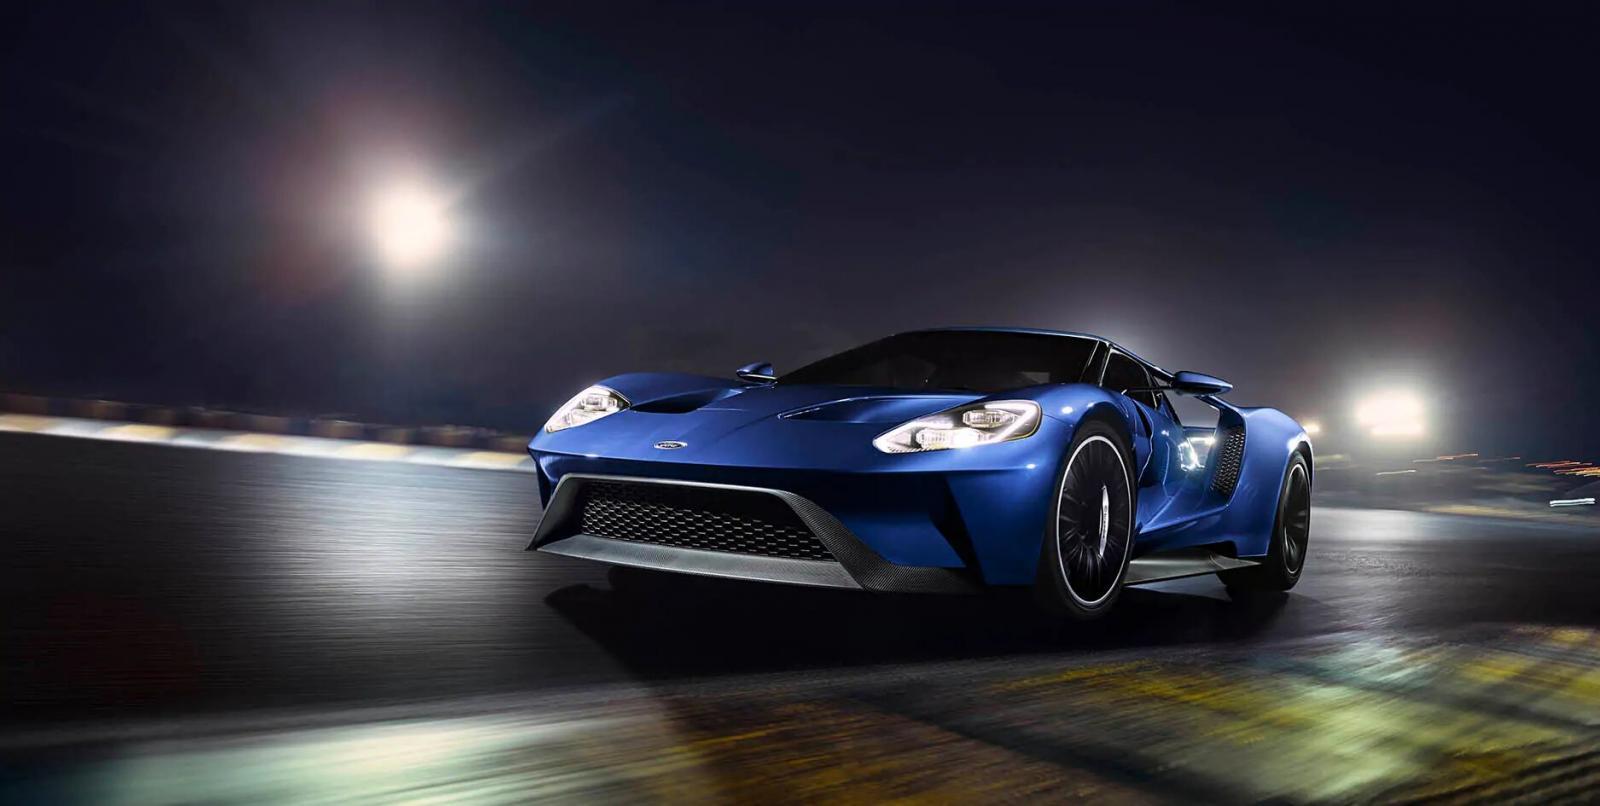 El Ford GT 2020 precio en México tiene un precio que parte de los 12 millones de pesos